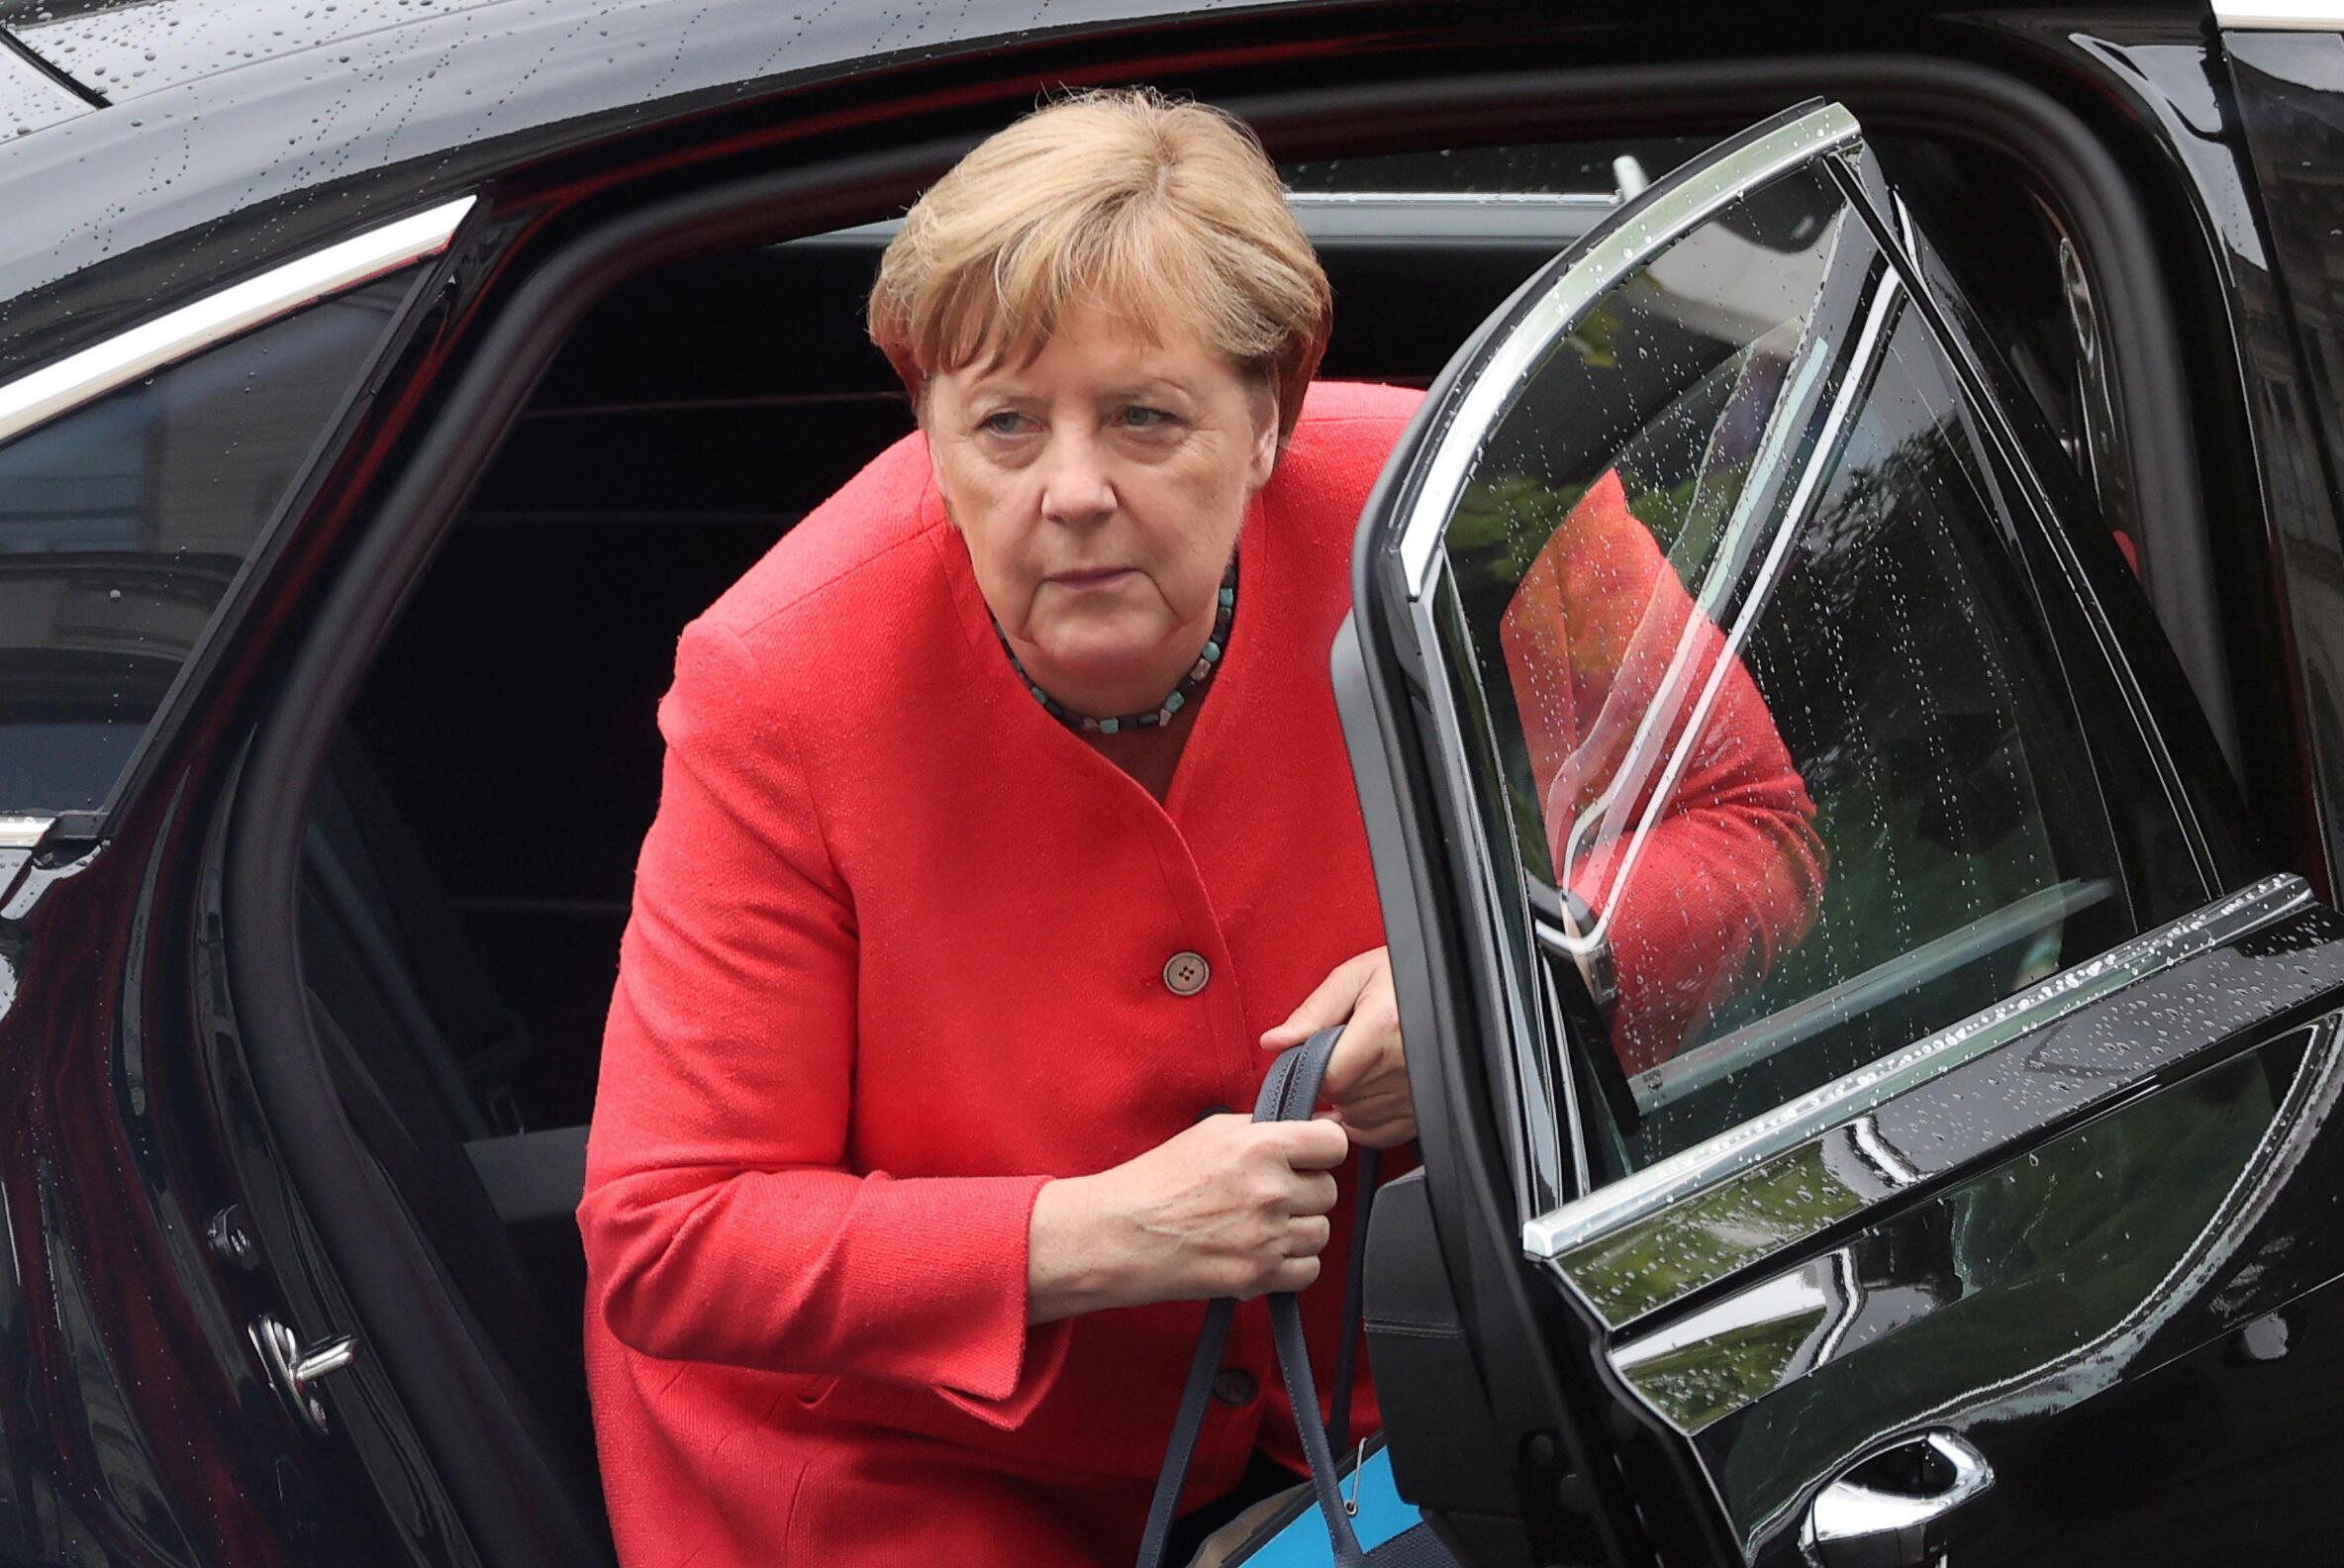 2020-07-01T110718Z_625010097_RC2BKH9Q2MSP_RTRMADP_3_GERMANY-POLITICS-MERKEL